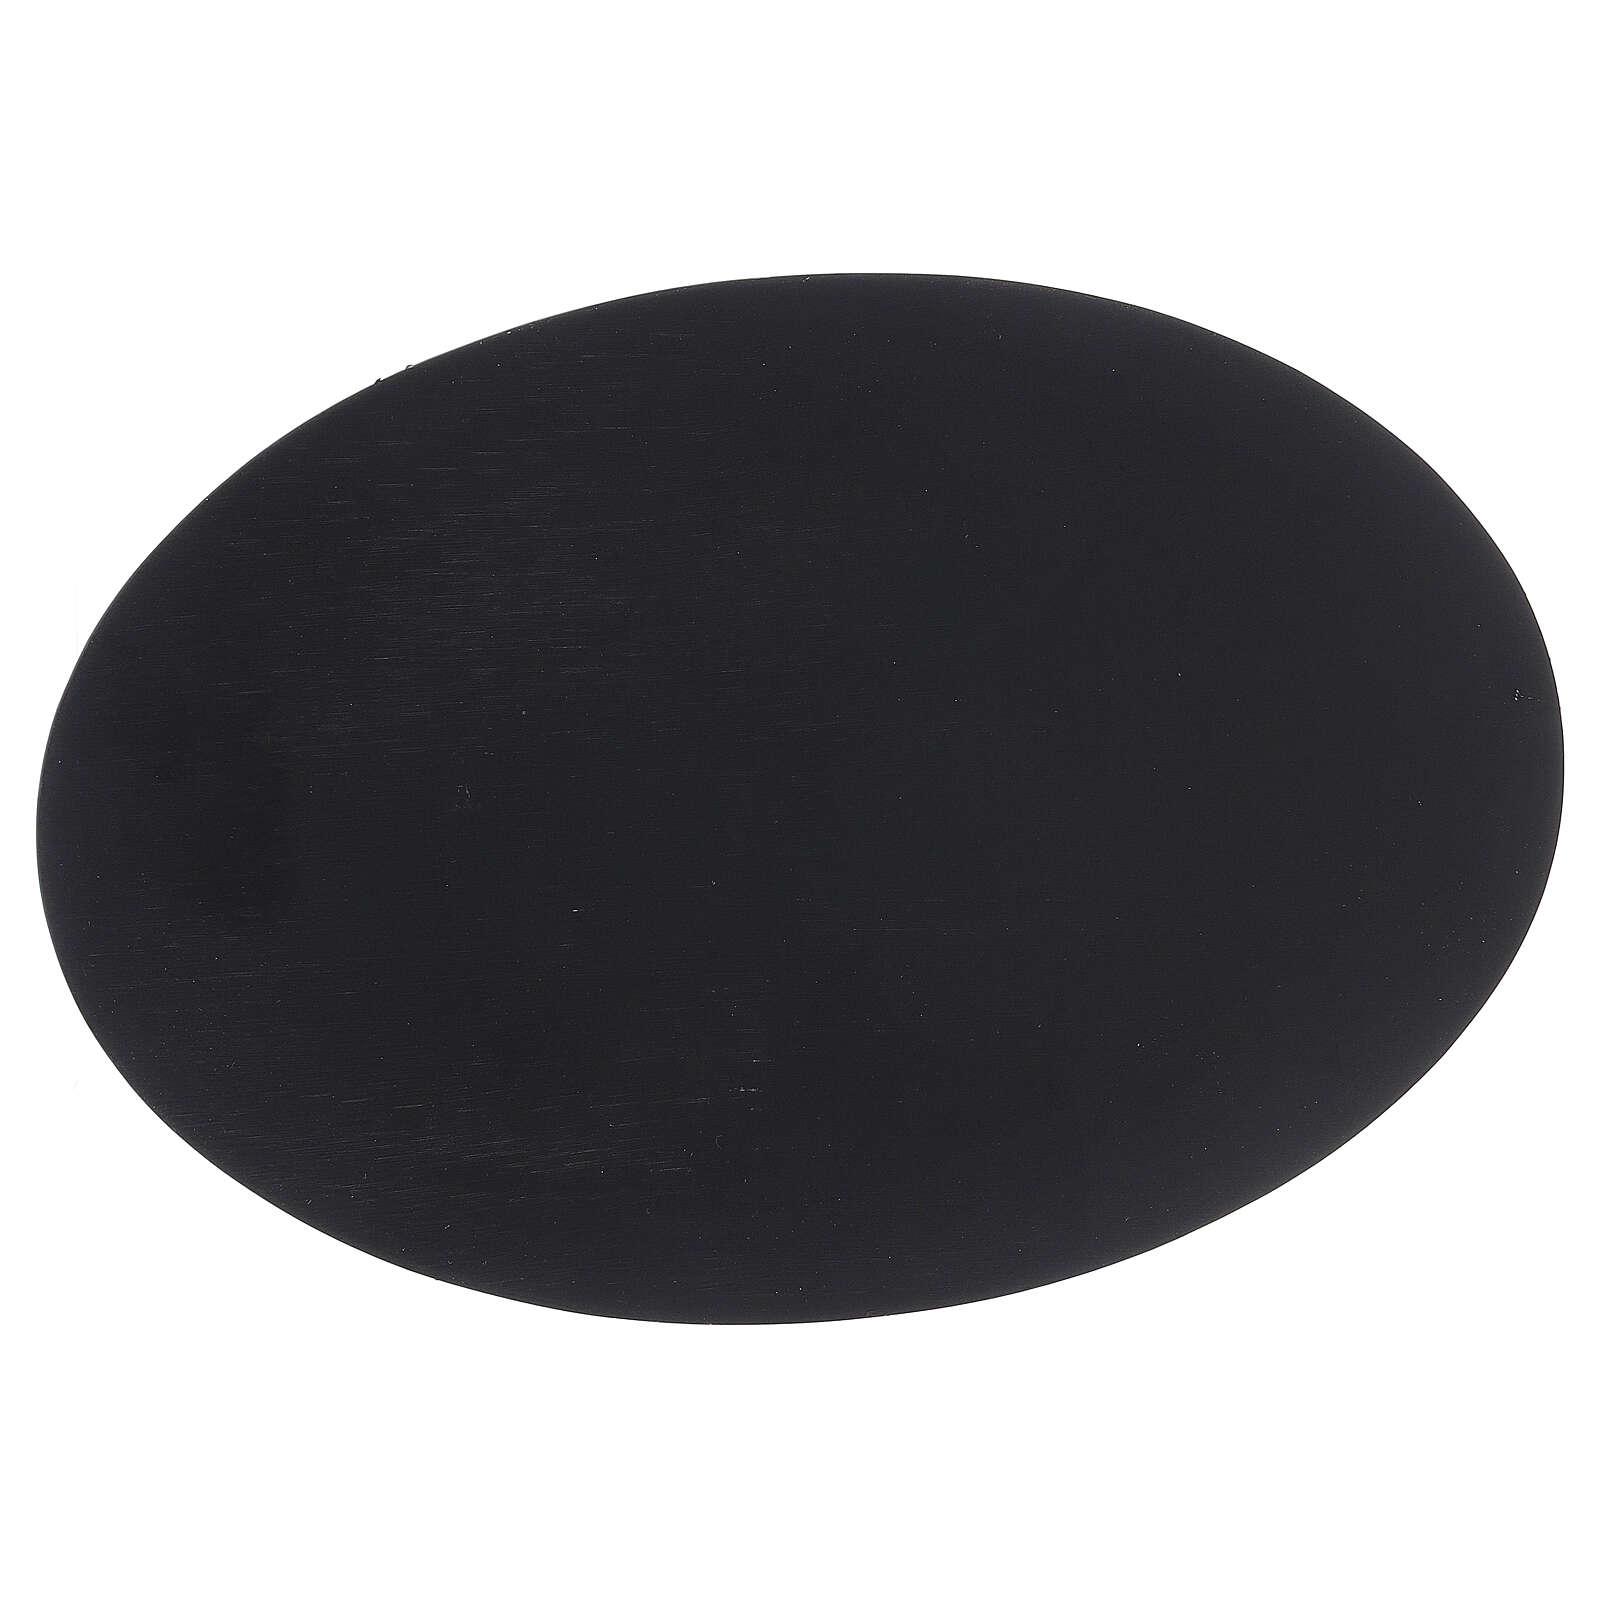 Plato portavela ovalado efecto piedra negra 20,5x14 cm 3